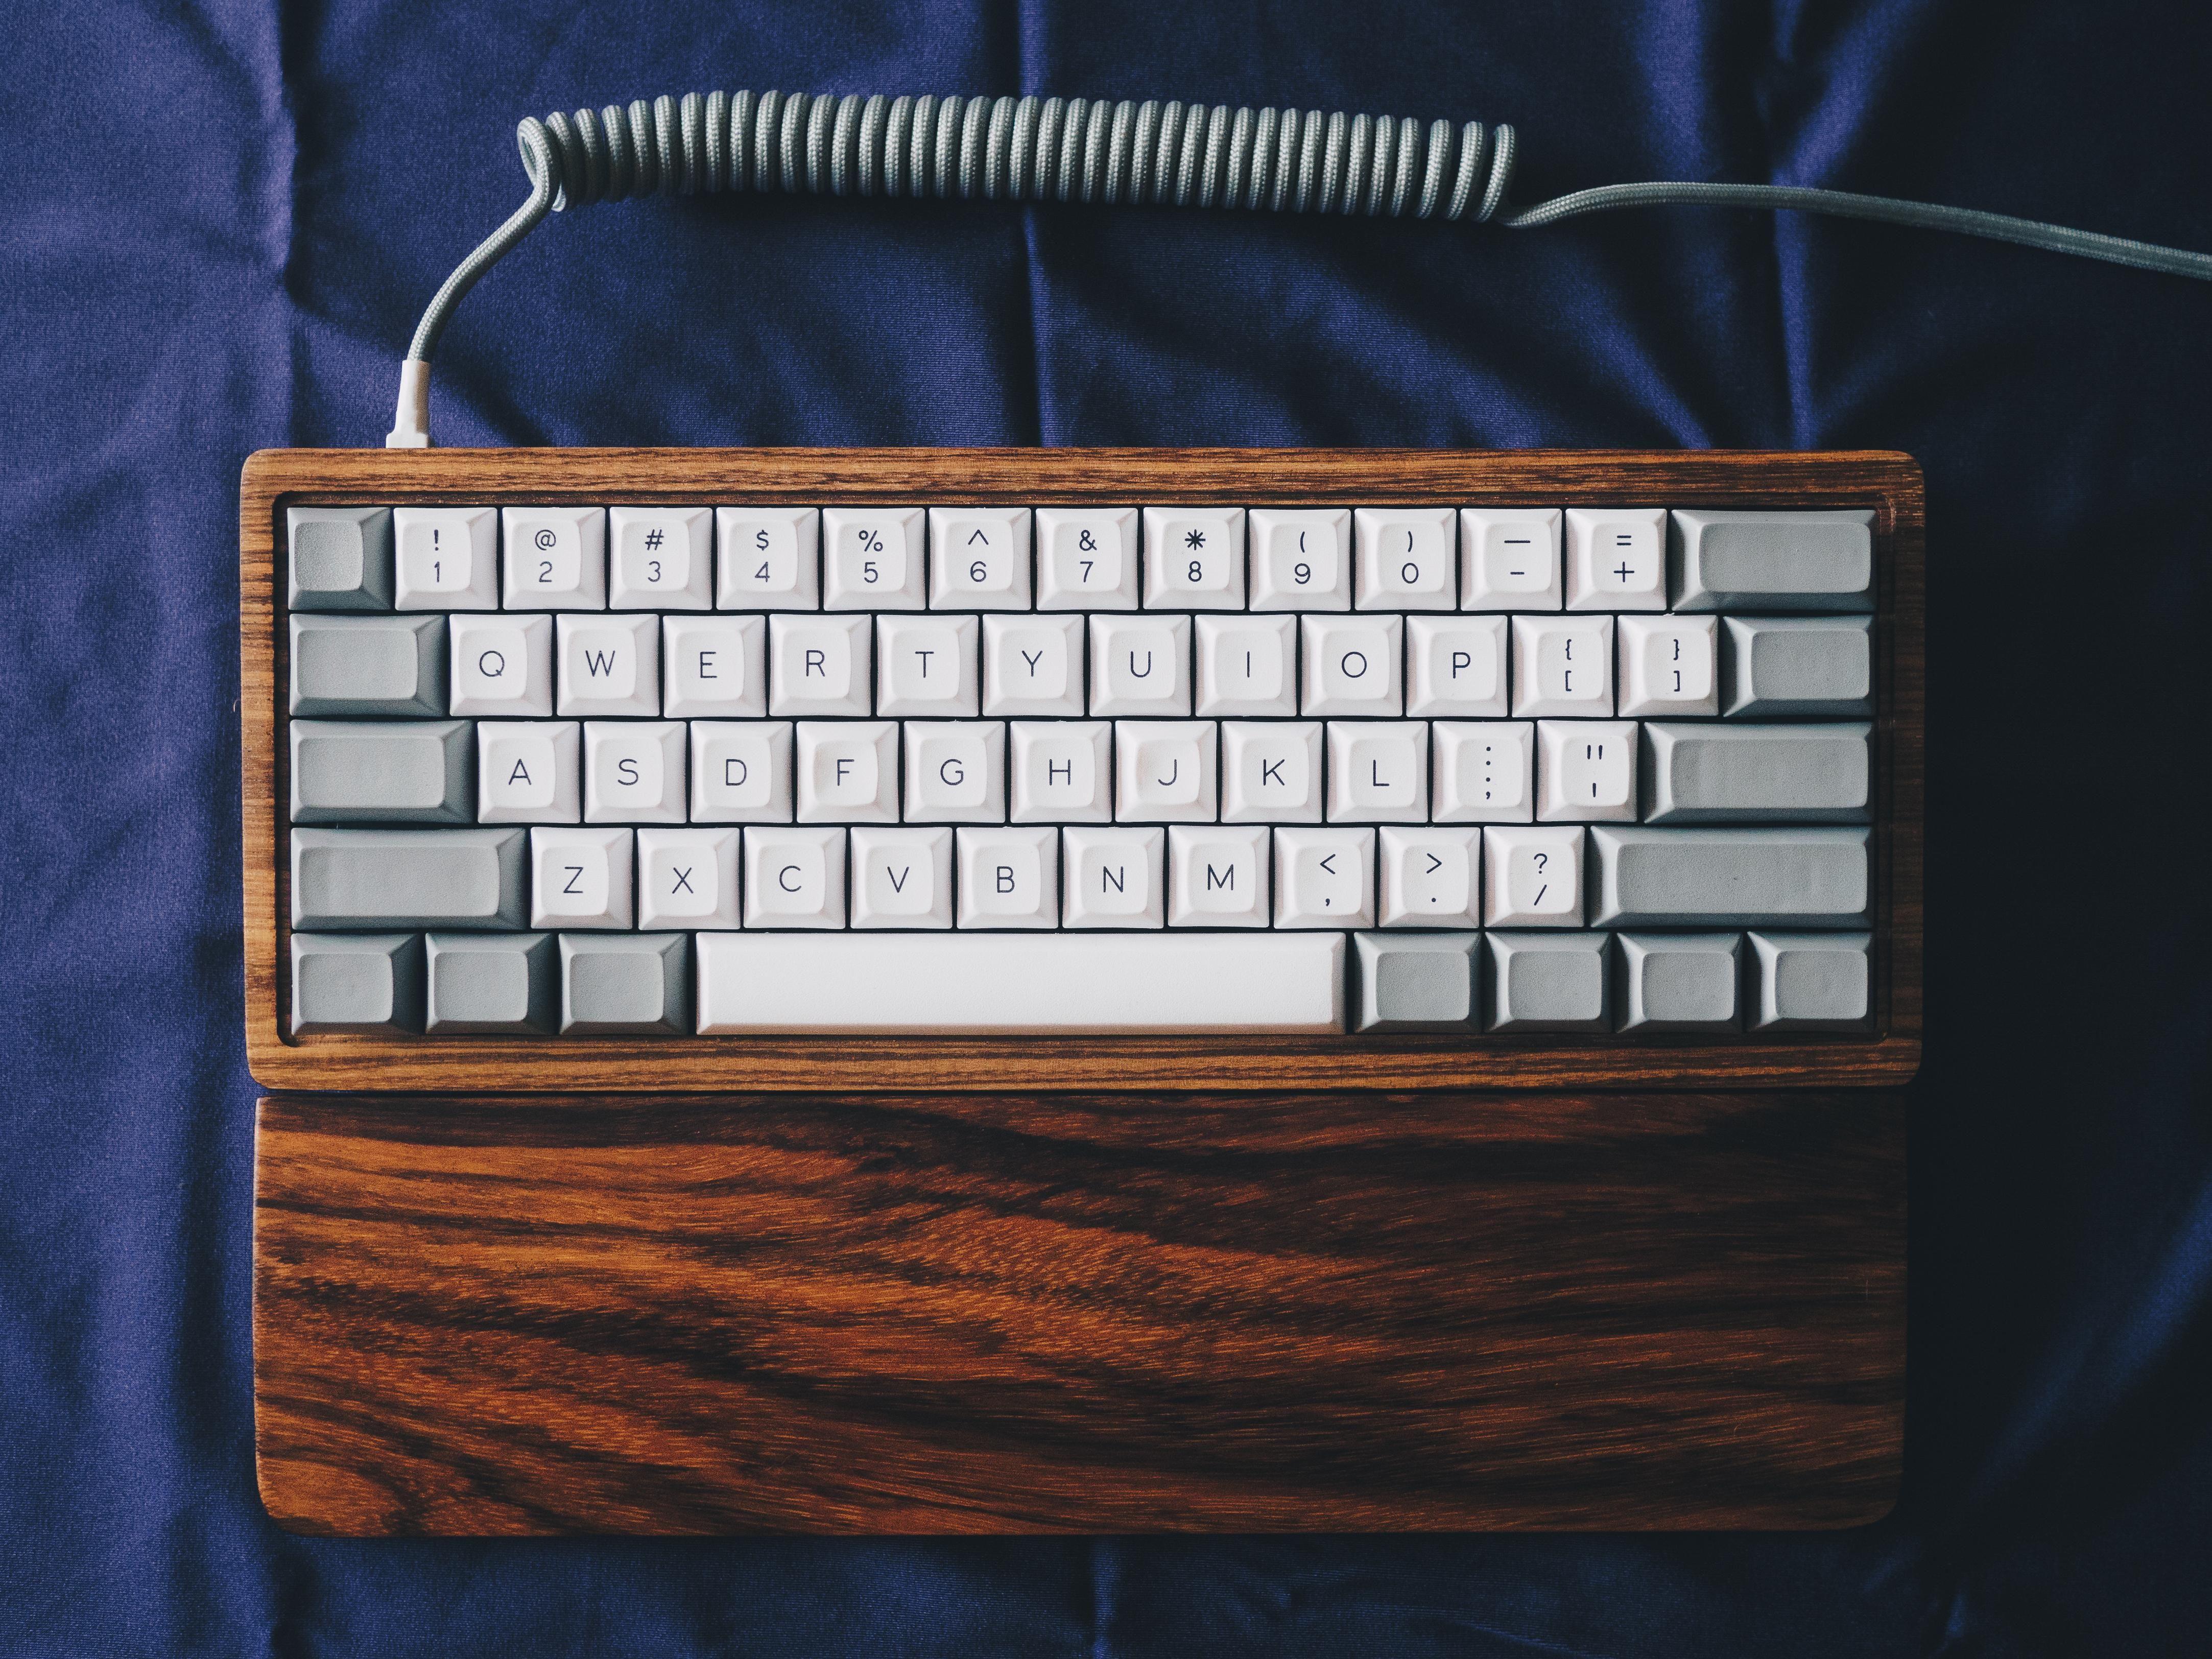 i.redd.it 6bhv3y1jfdny.jpg Diy mechanical keyboard